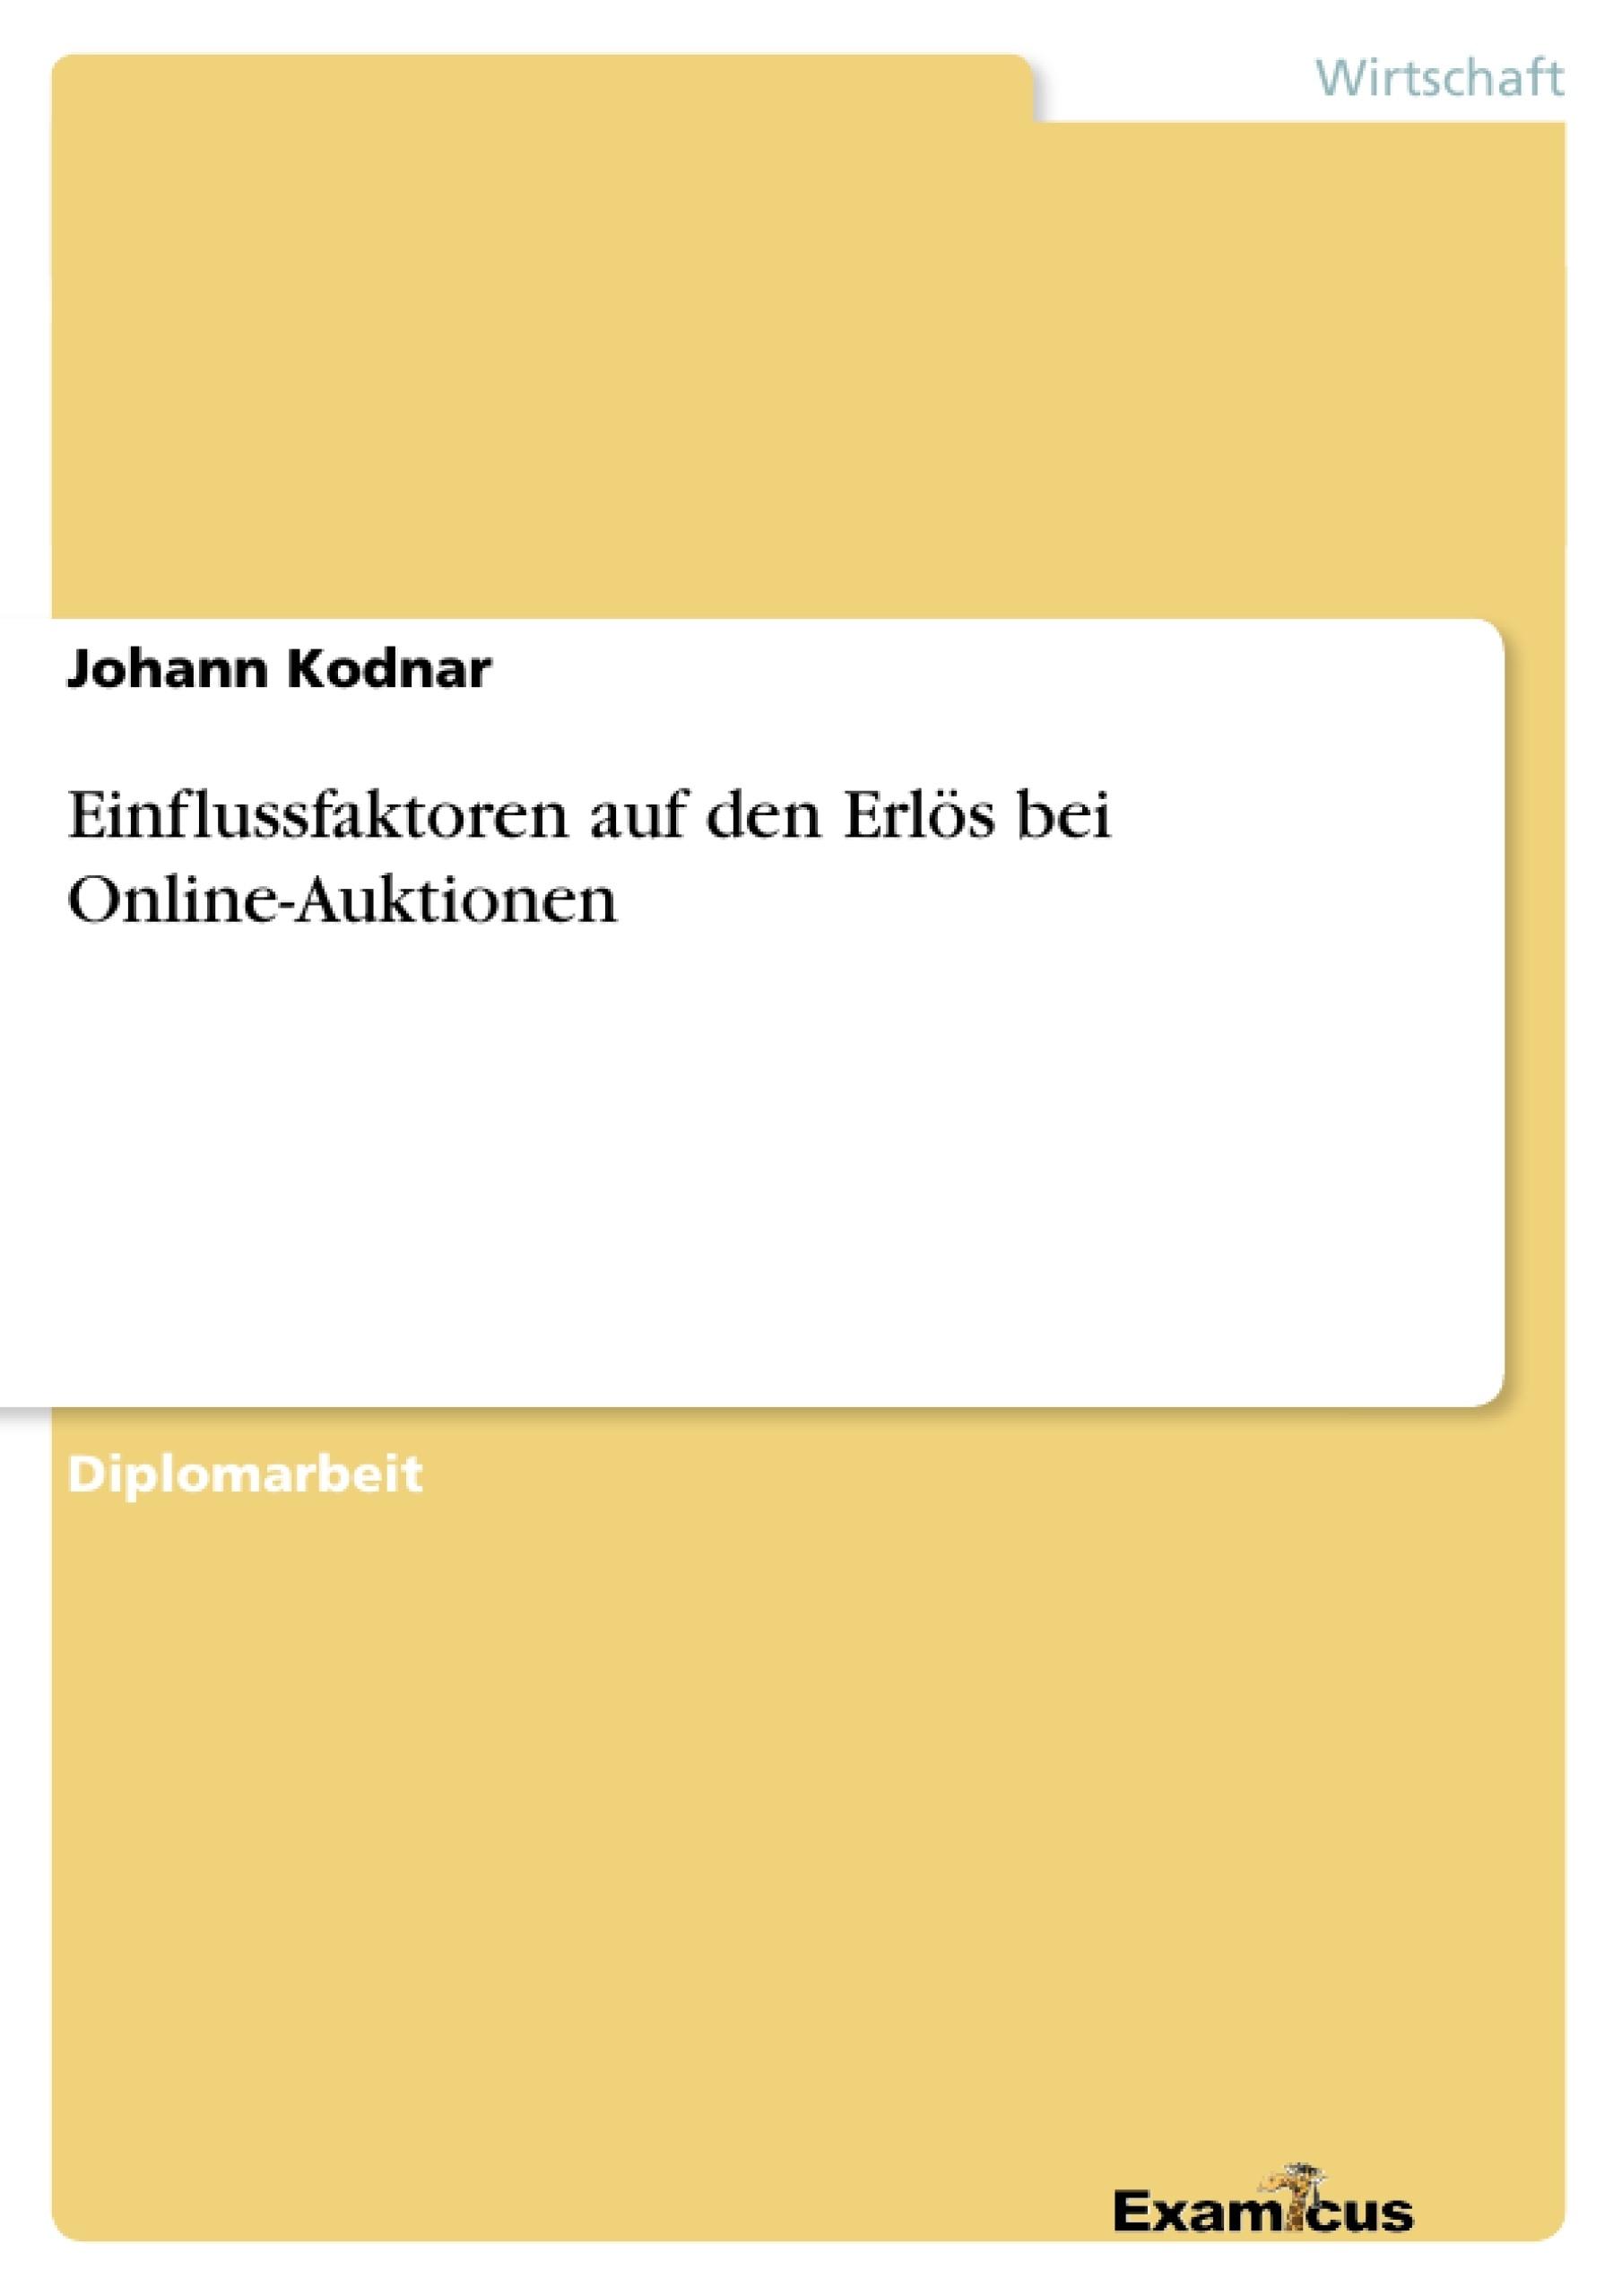 Titel: Einflussfaktoren auf den Erlös bei Online-Auktionen